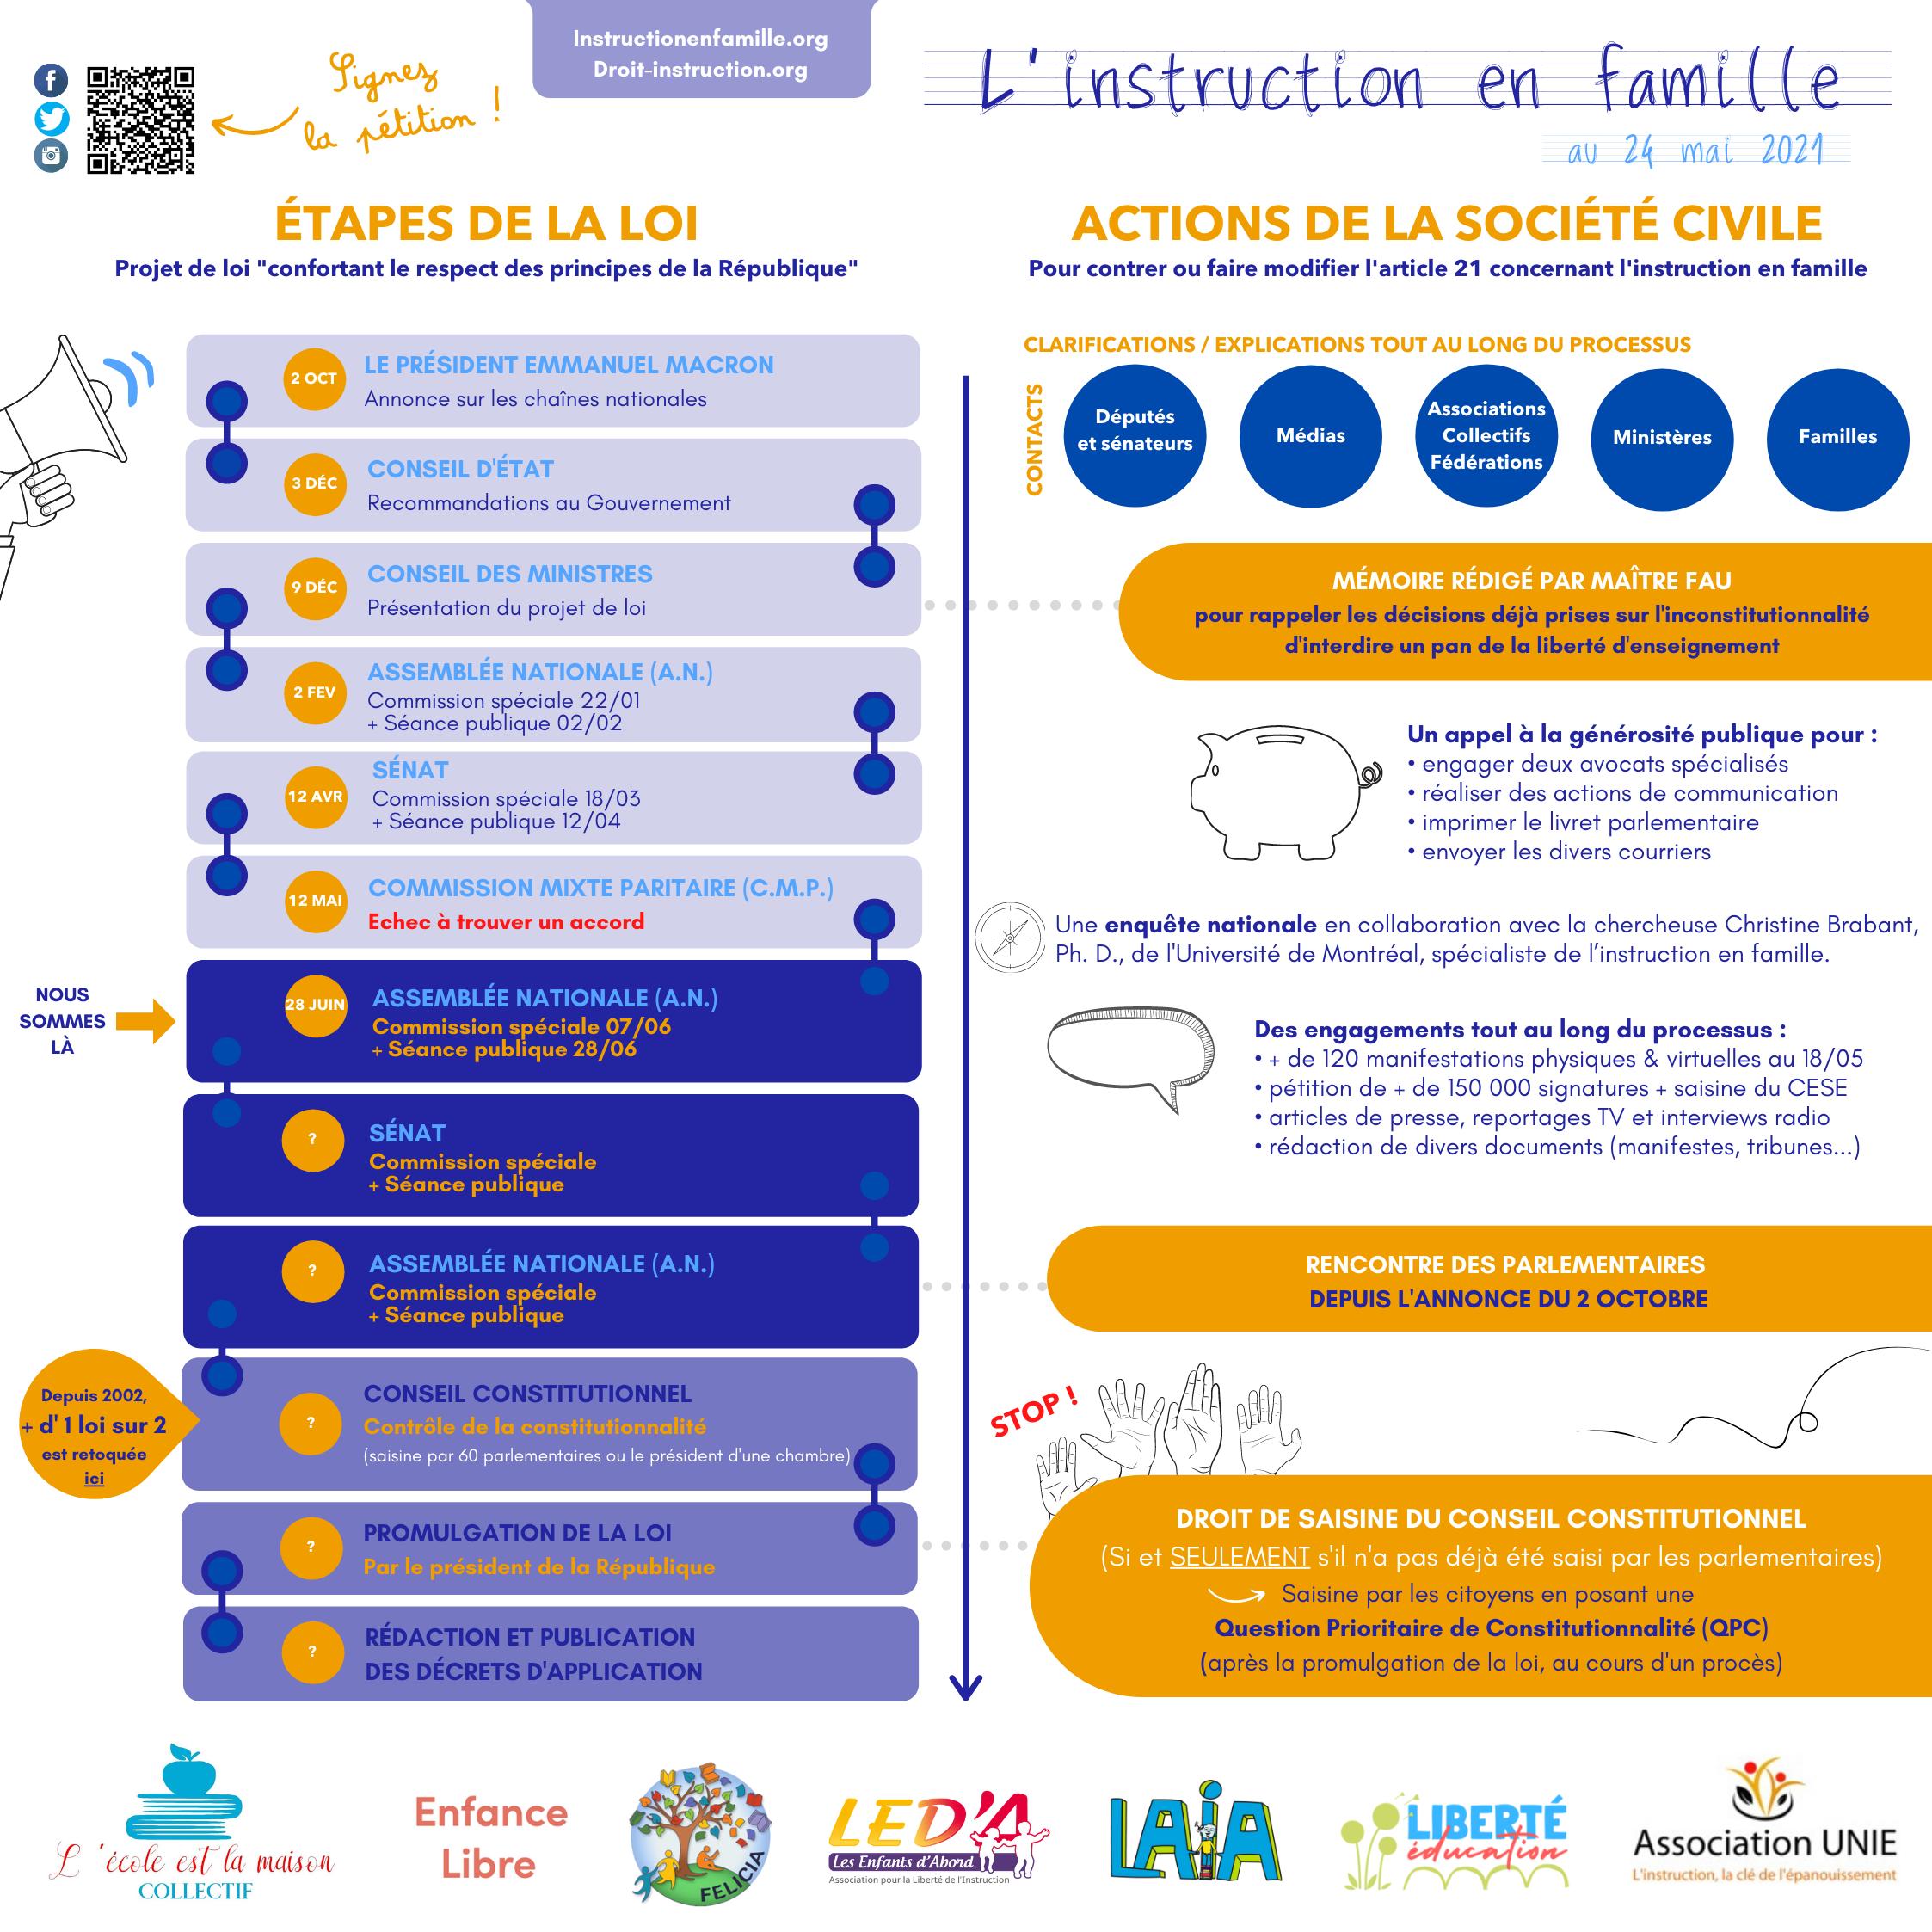 etapes et actions - projet de loi ief